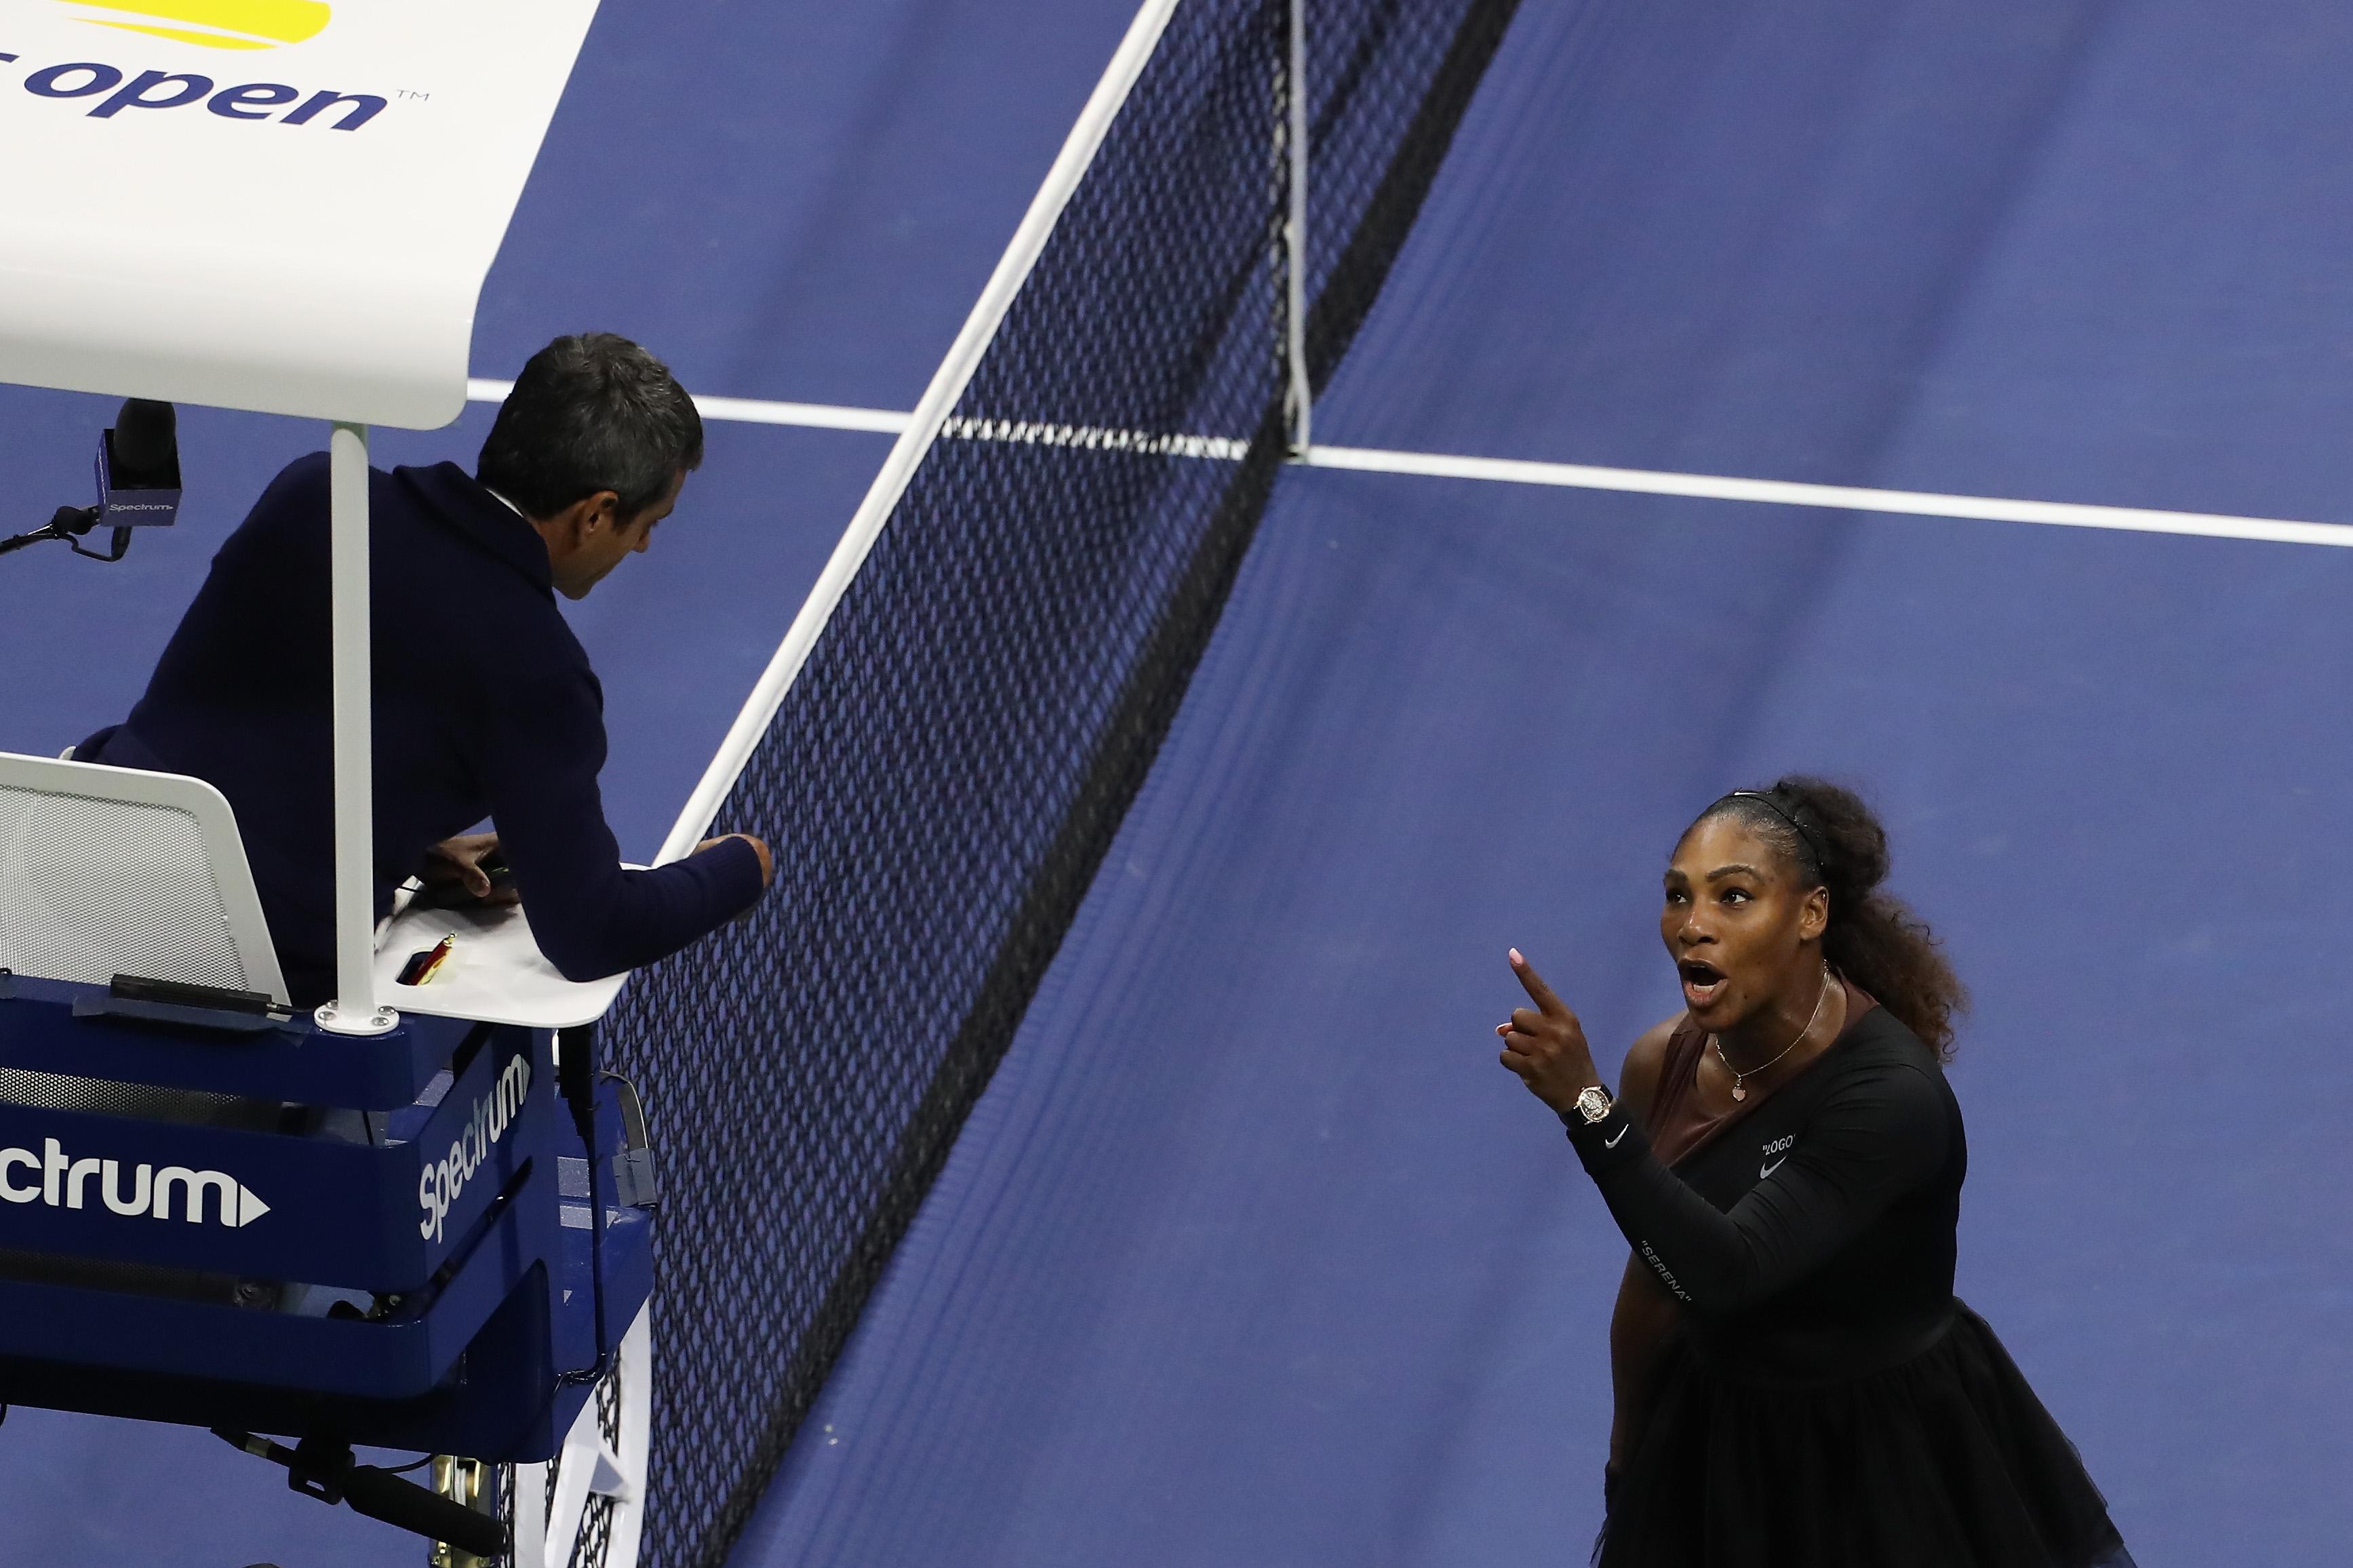 Hazug tolvaj - kiabálta Serena Williams a bírónak a US Open döntőjében